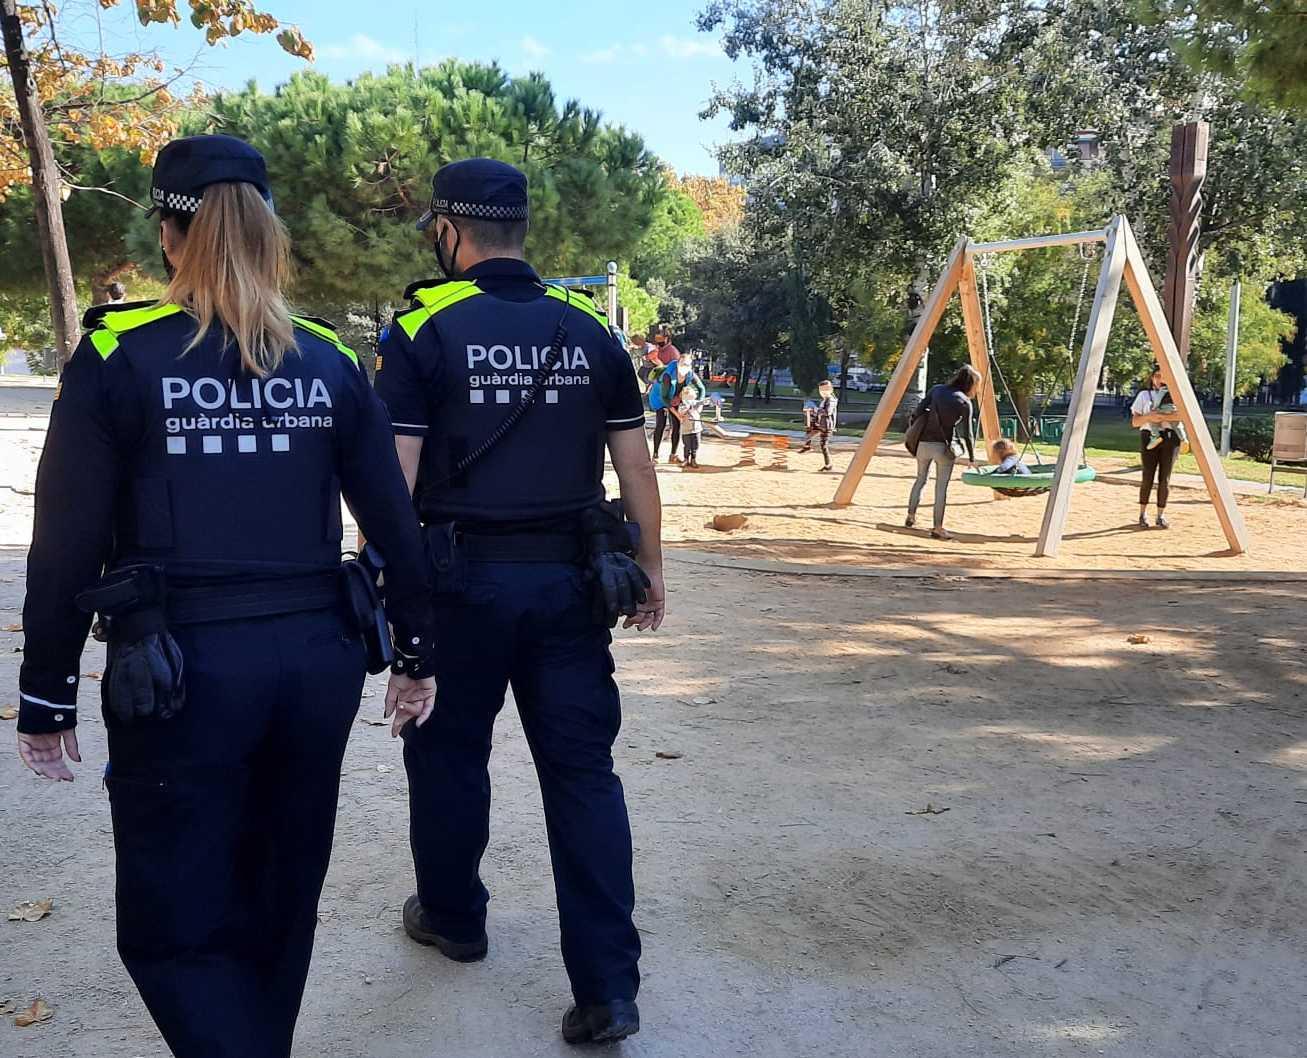 Dos agents de la Guàrdia Urbana patrullant en un parc infantil / GUB